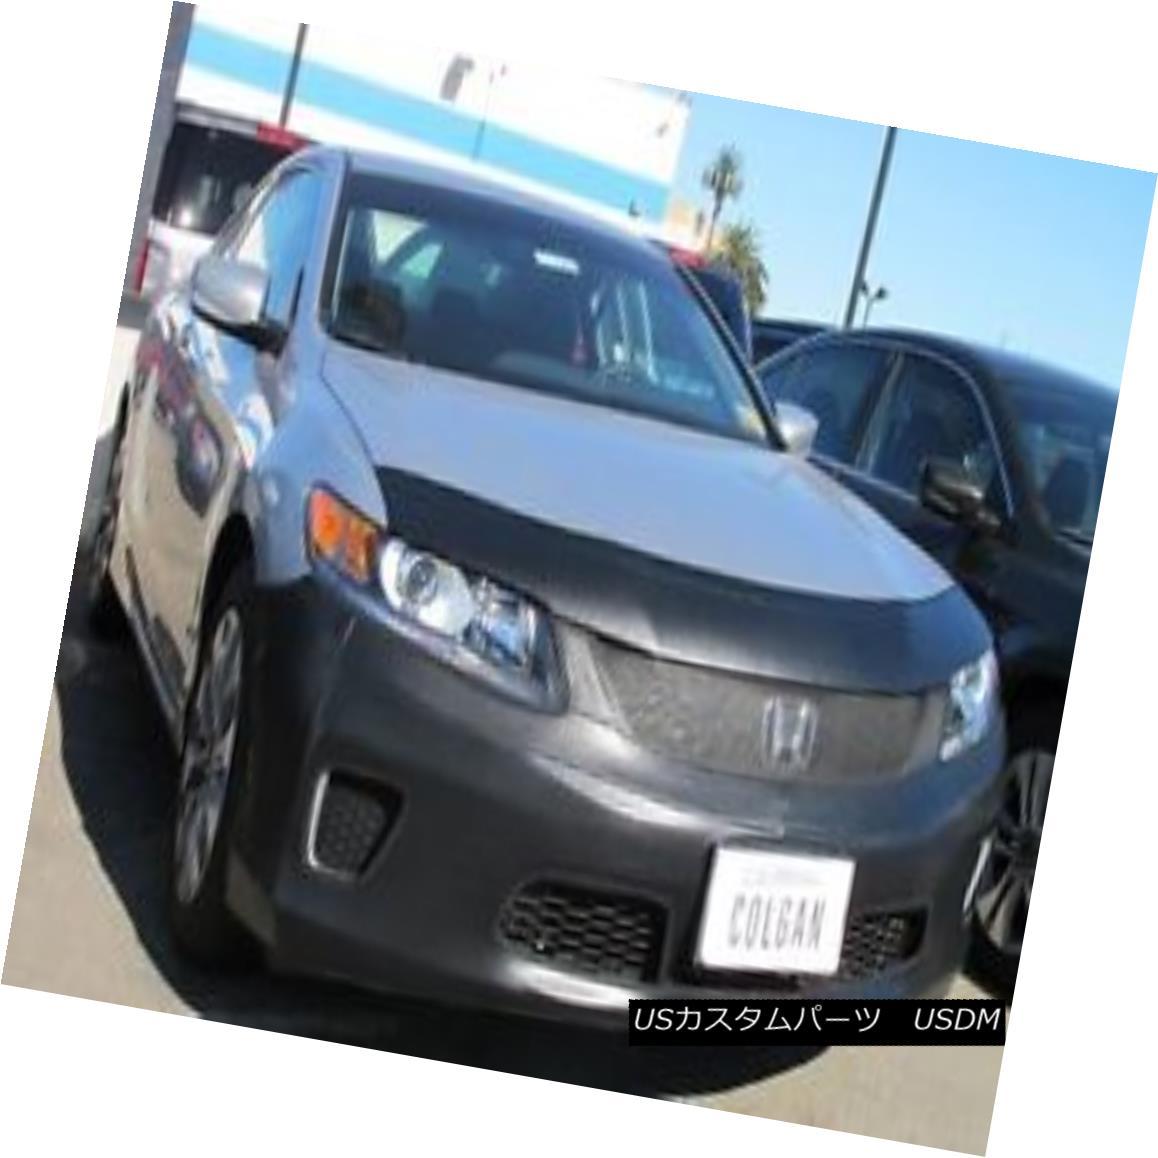 フルブラ ノーズブラ Colgan Front End Mask Bra 2pc. Fits Honda Accord Coupe EX,EXL&LX-S W/O TAG 13-15 コルガンフロントエンドマスクブラ2pc ホンダアコードクーペEX、EXL&LX-S W / Oタグ13-15に適合